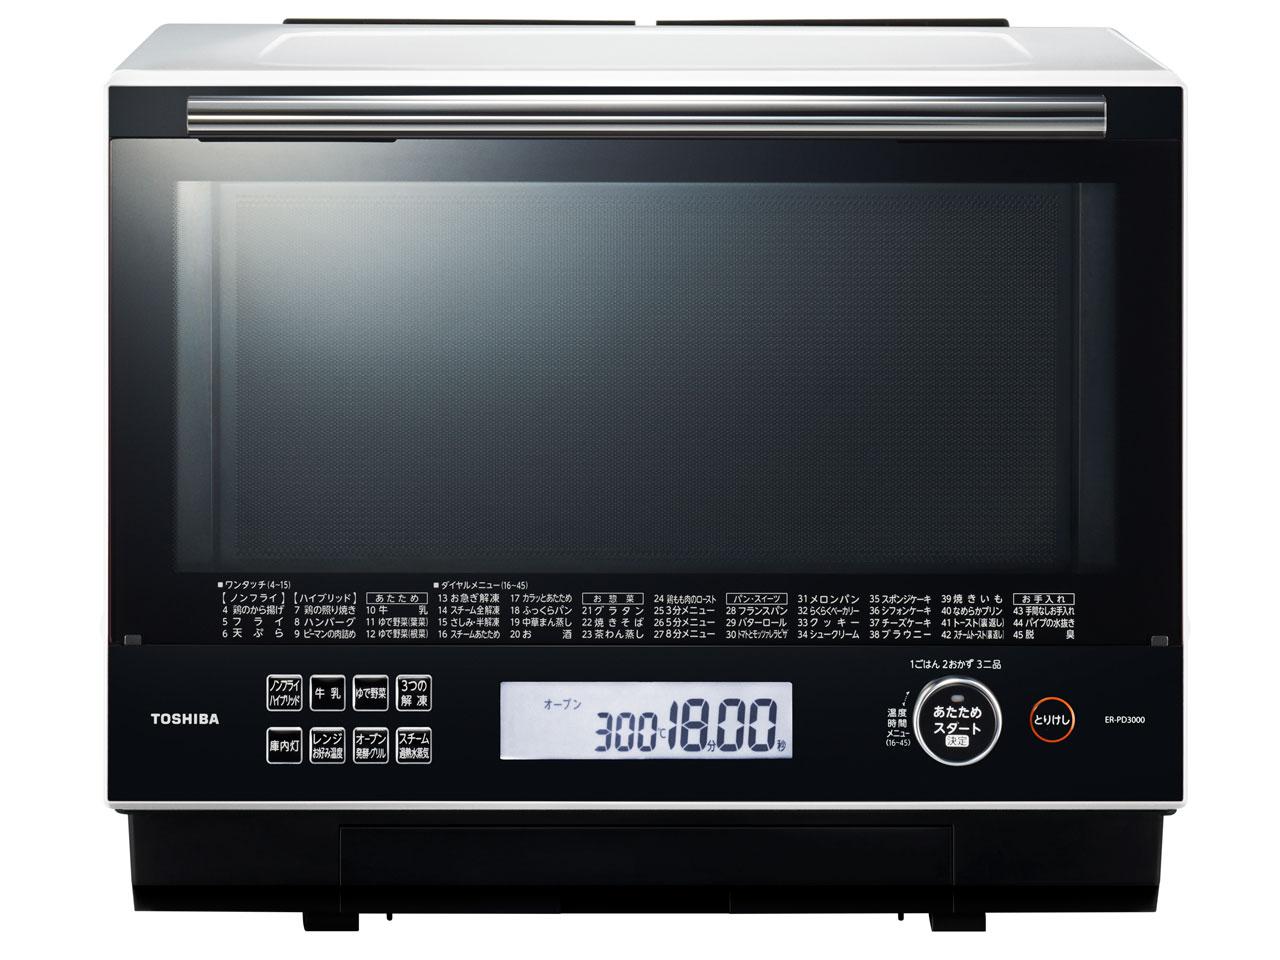 石窯ドーム ER-PD3000(W) [グランホワイト] の製品画像